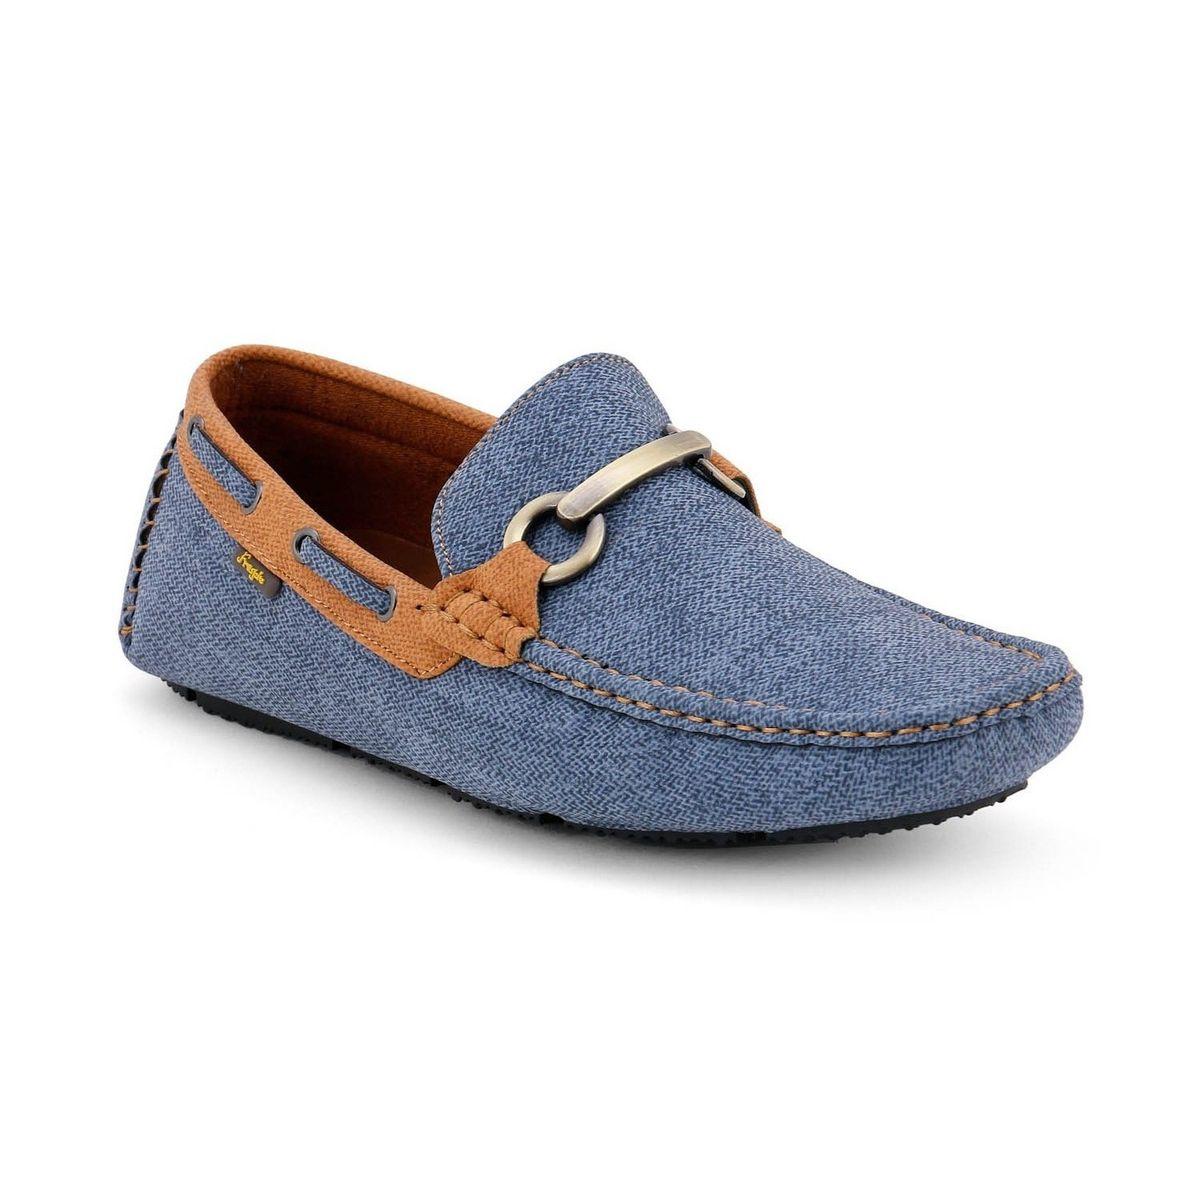 Froskie Casual Smart Party Wear NavyCamel Loafers Fr-008-NavyCamel